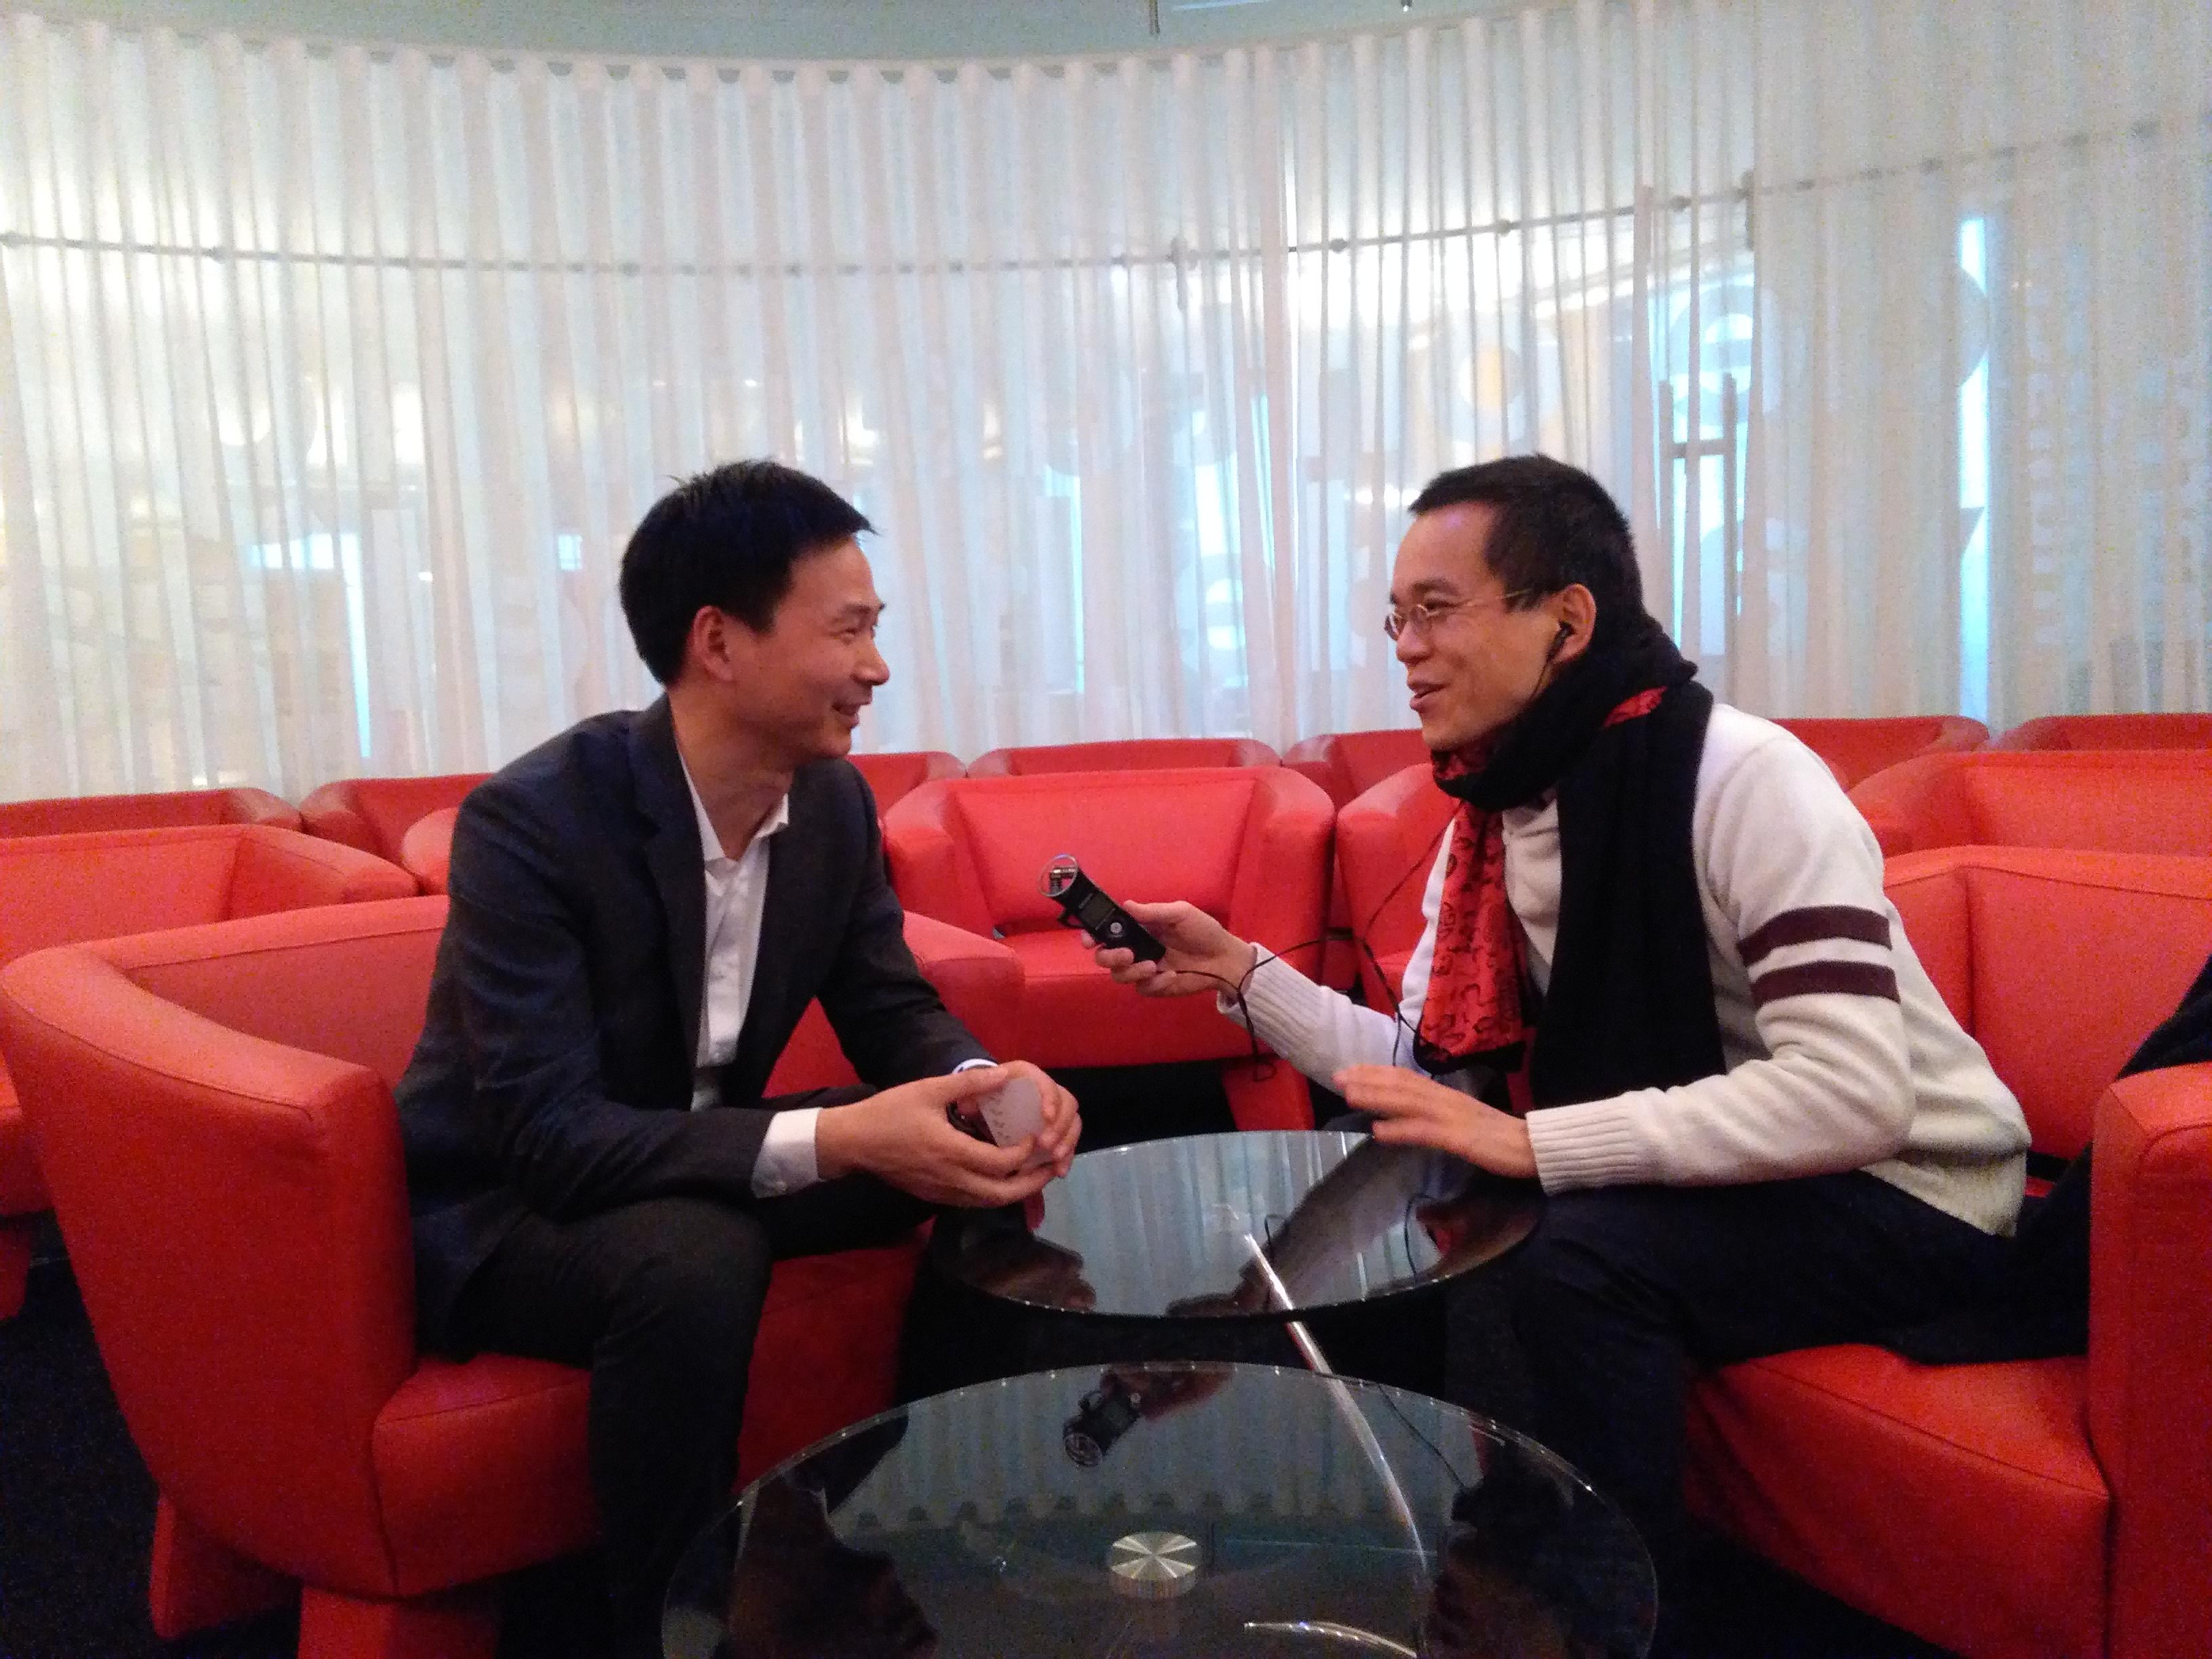 Left: Yao Zhongbin (wrtiter), right: Hong Tong Wu (CRTV)